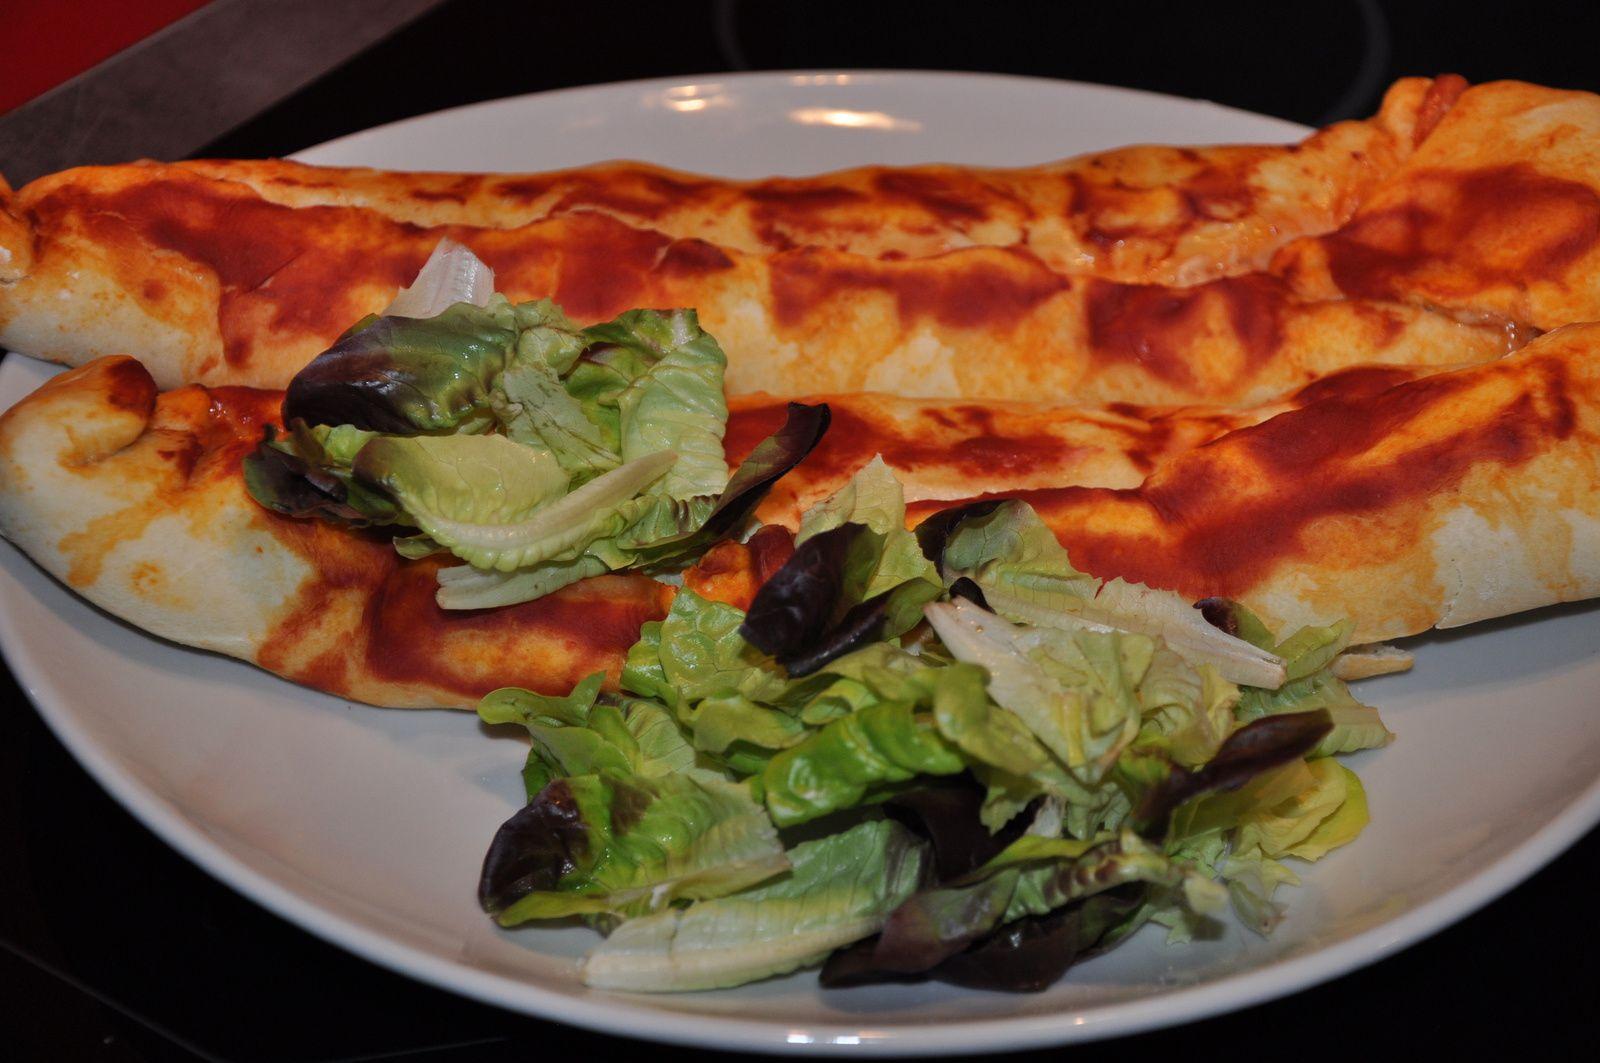 Autre photo de la pizza ficelle